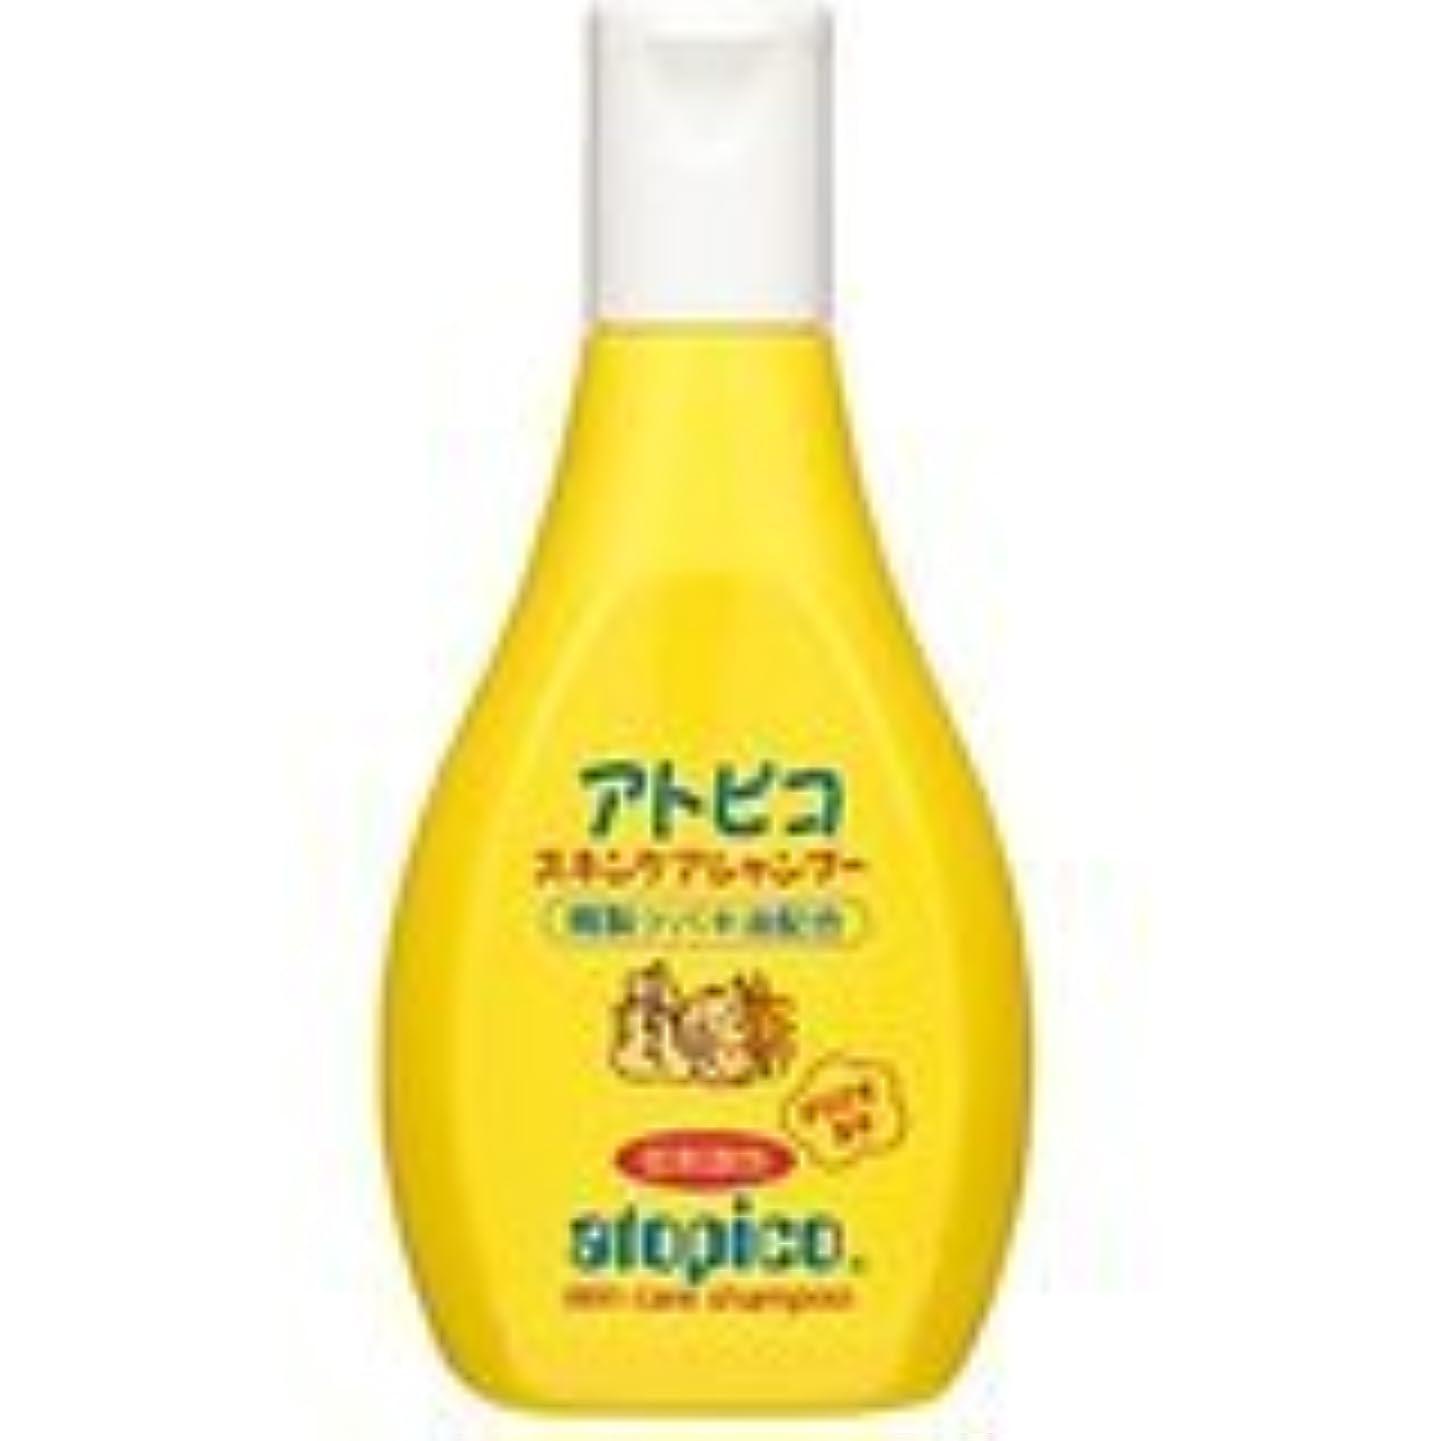 任命有害な有害【アトピコ】スキンケアシャンプー 200ml